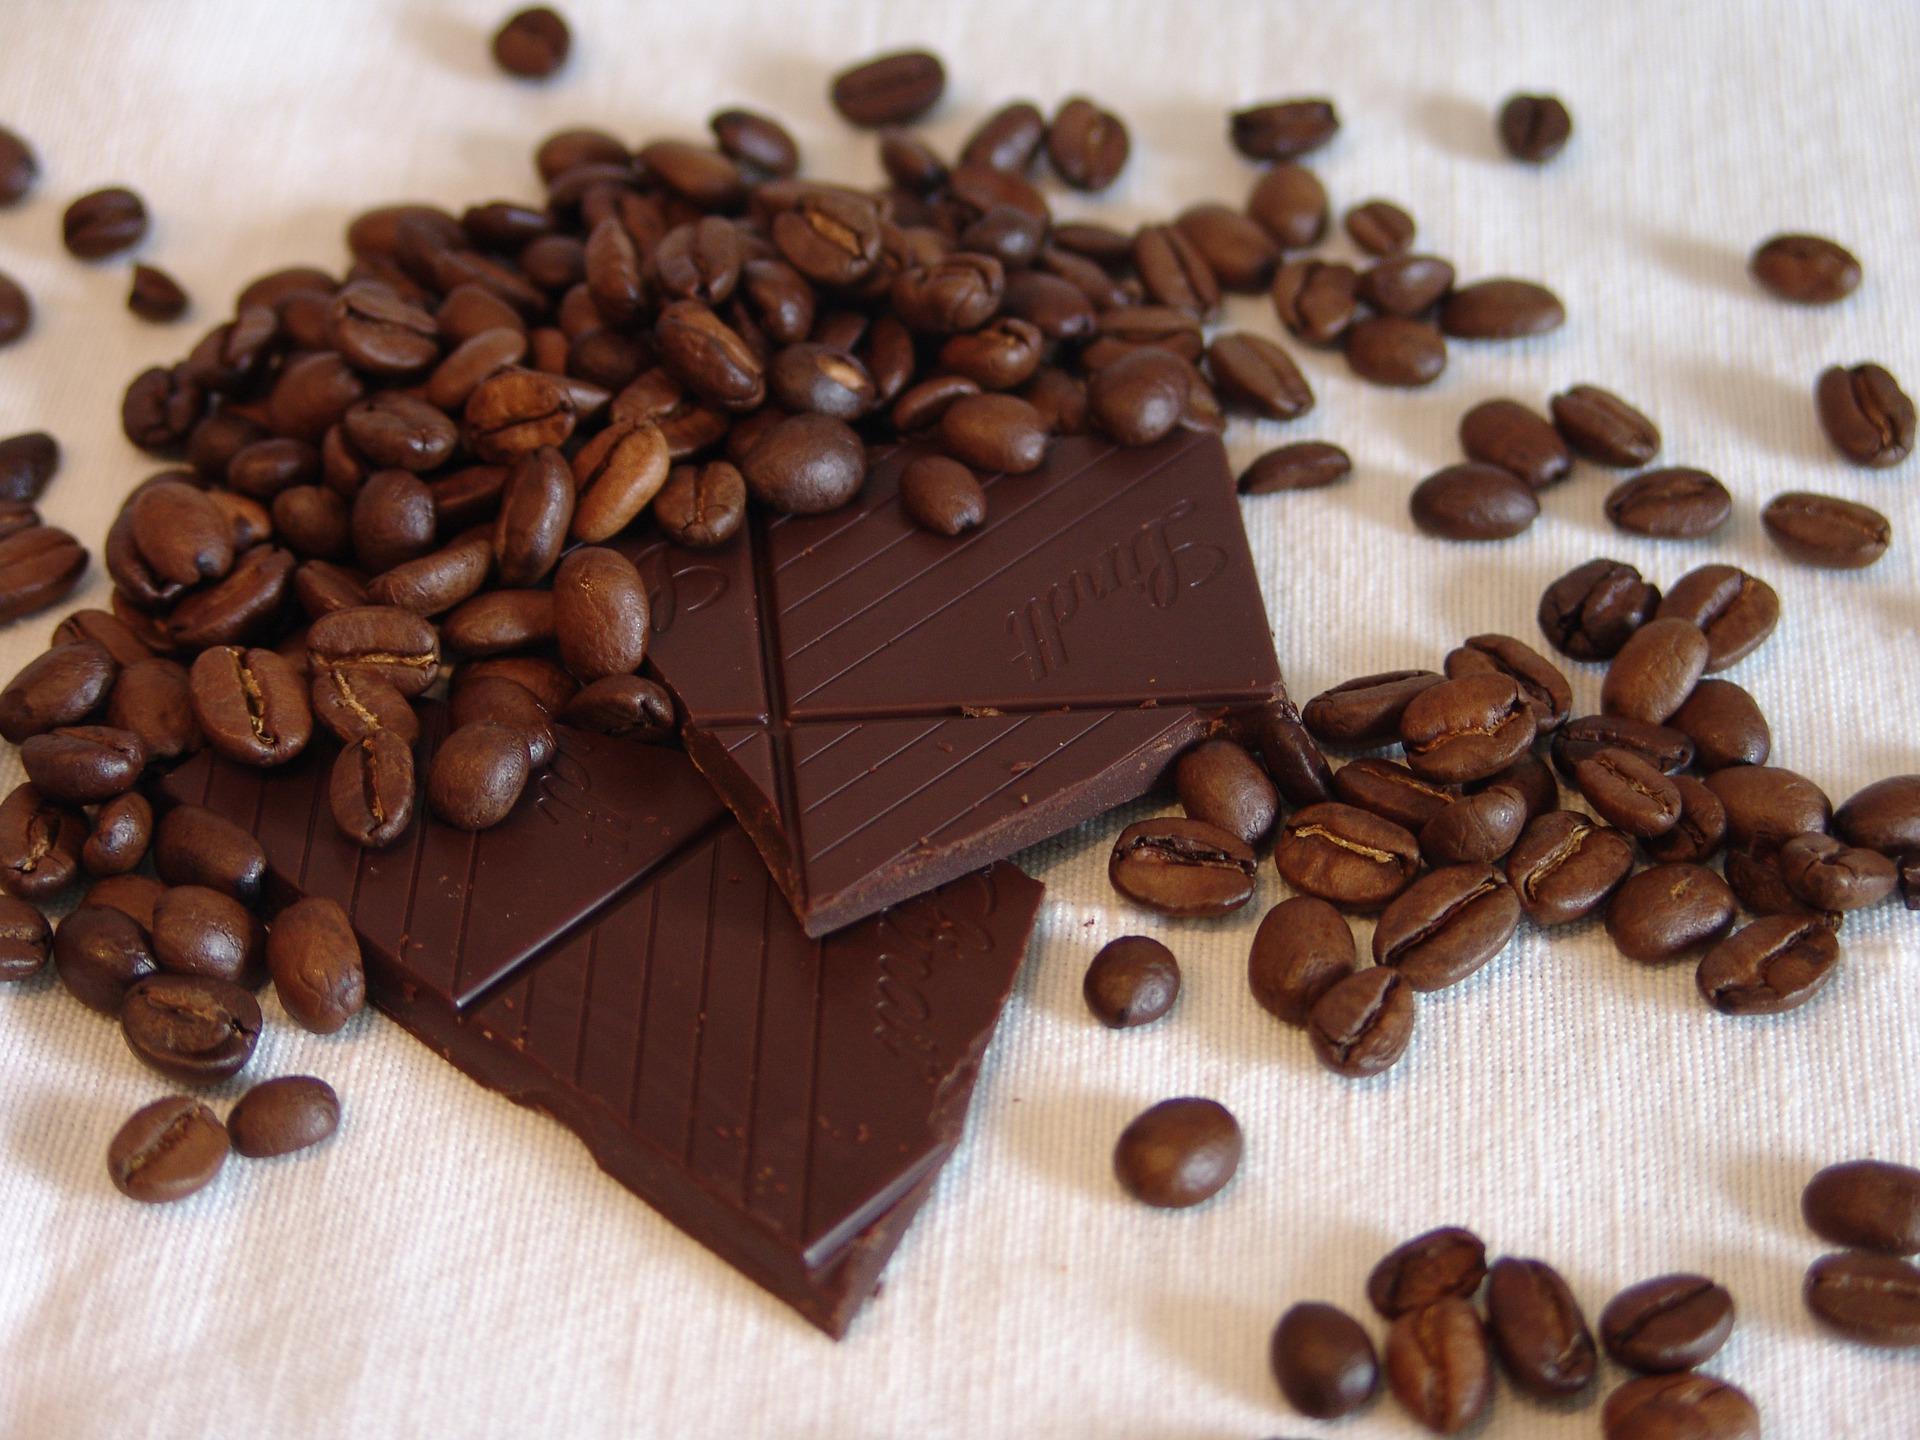 Україна в 2020 році на 28% збільшила імпорт шоколаду